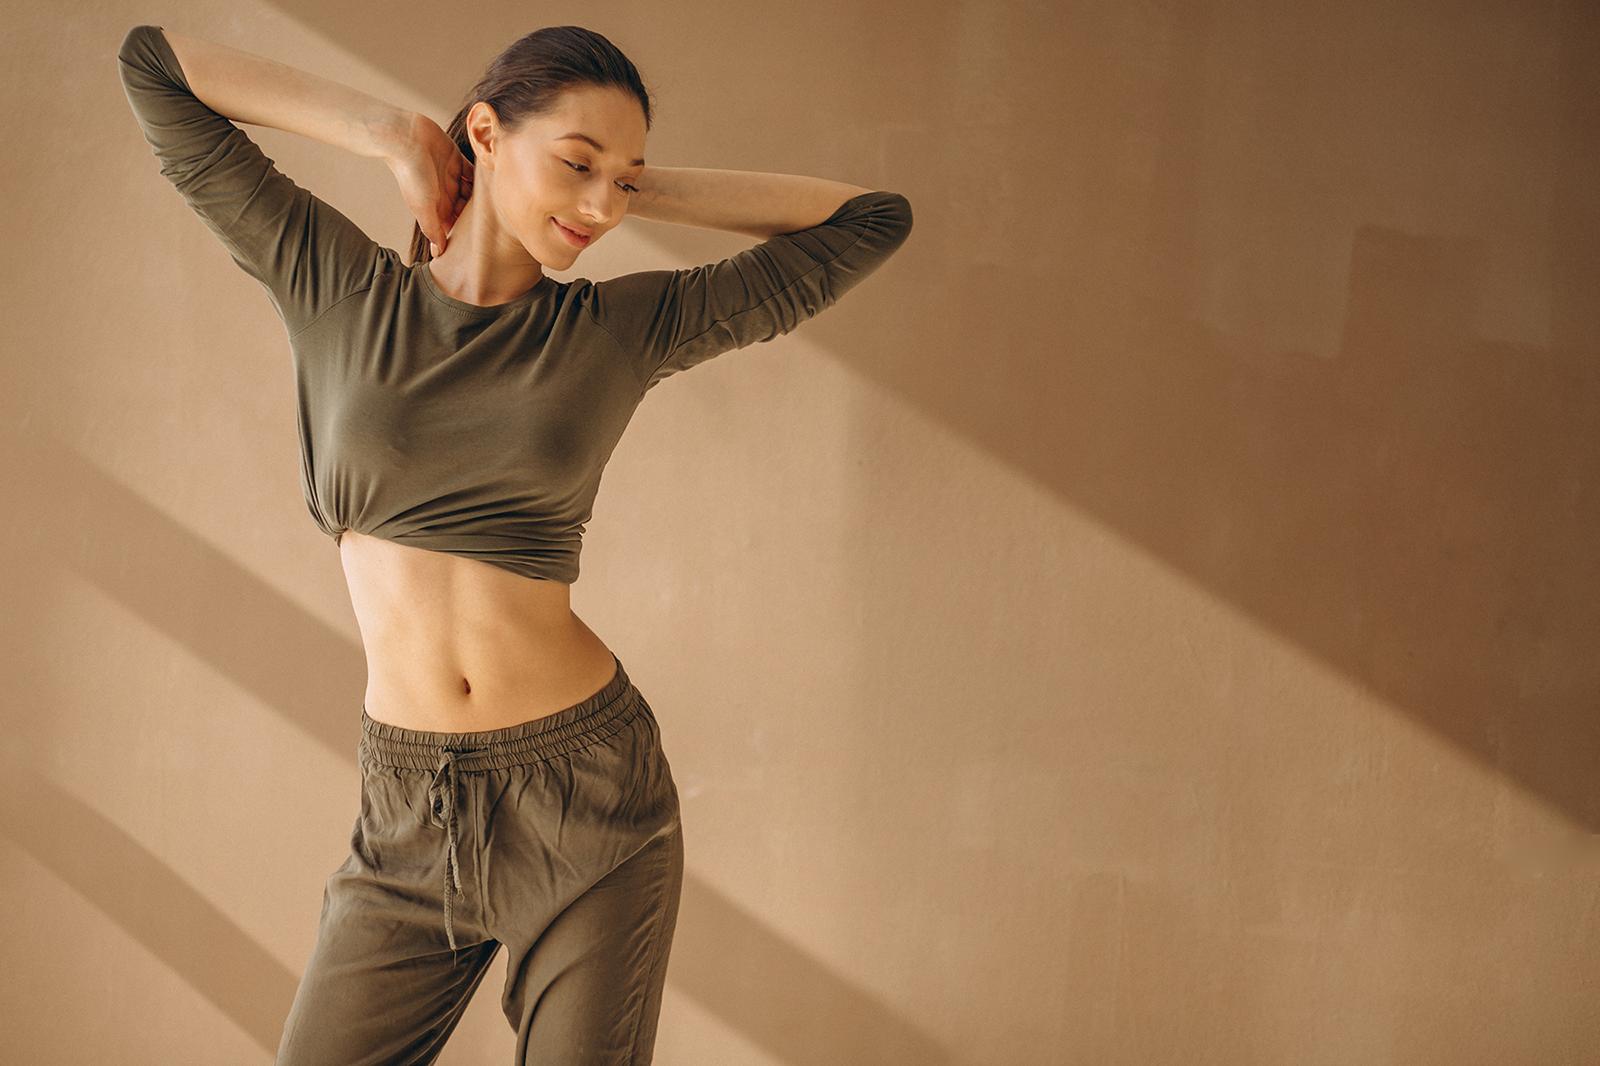 ¿Por qué ahora es un buen momento para recomendar tratamientos corporales?